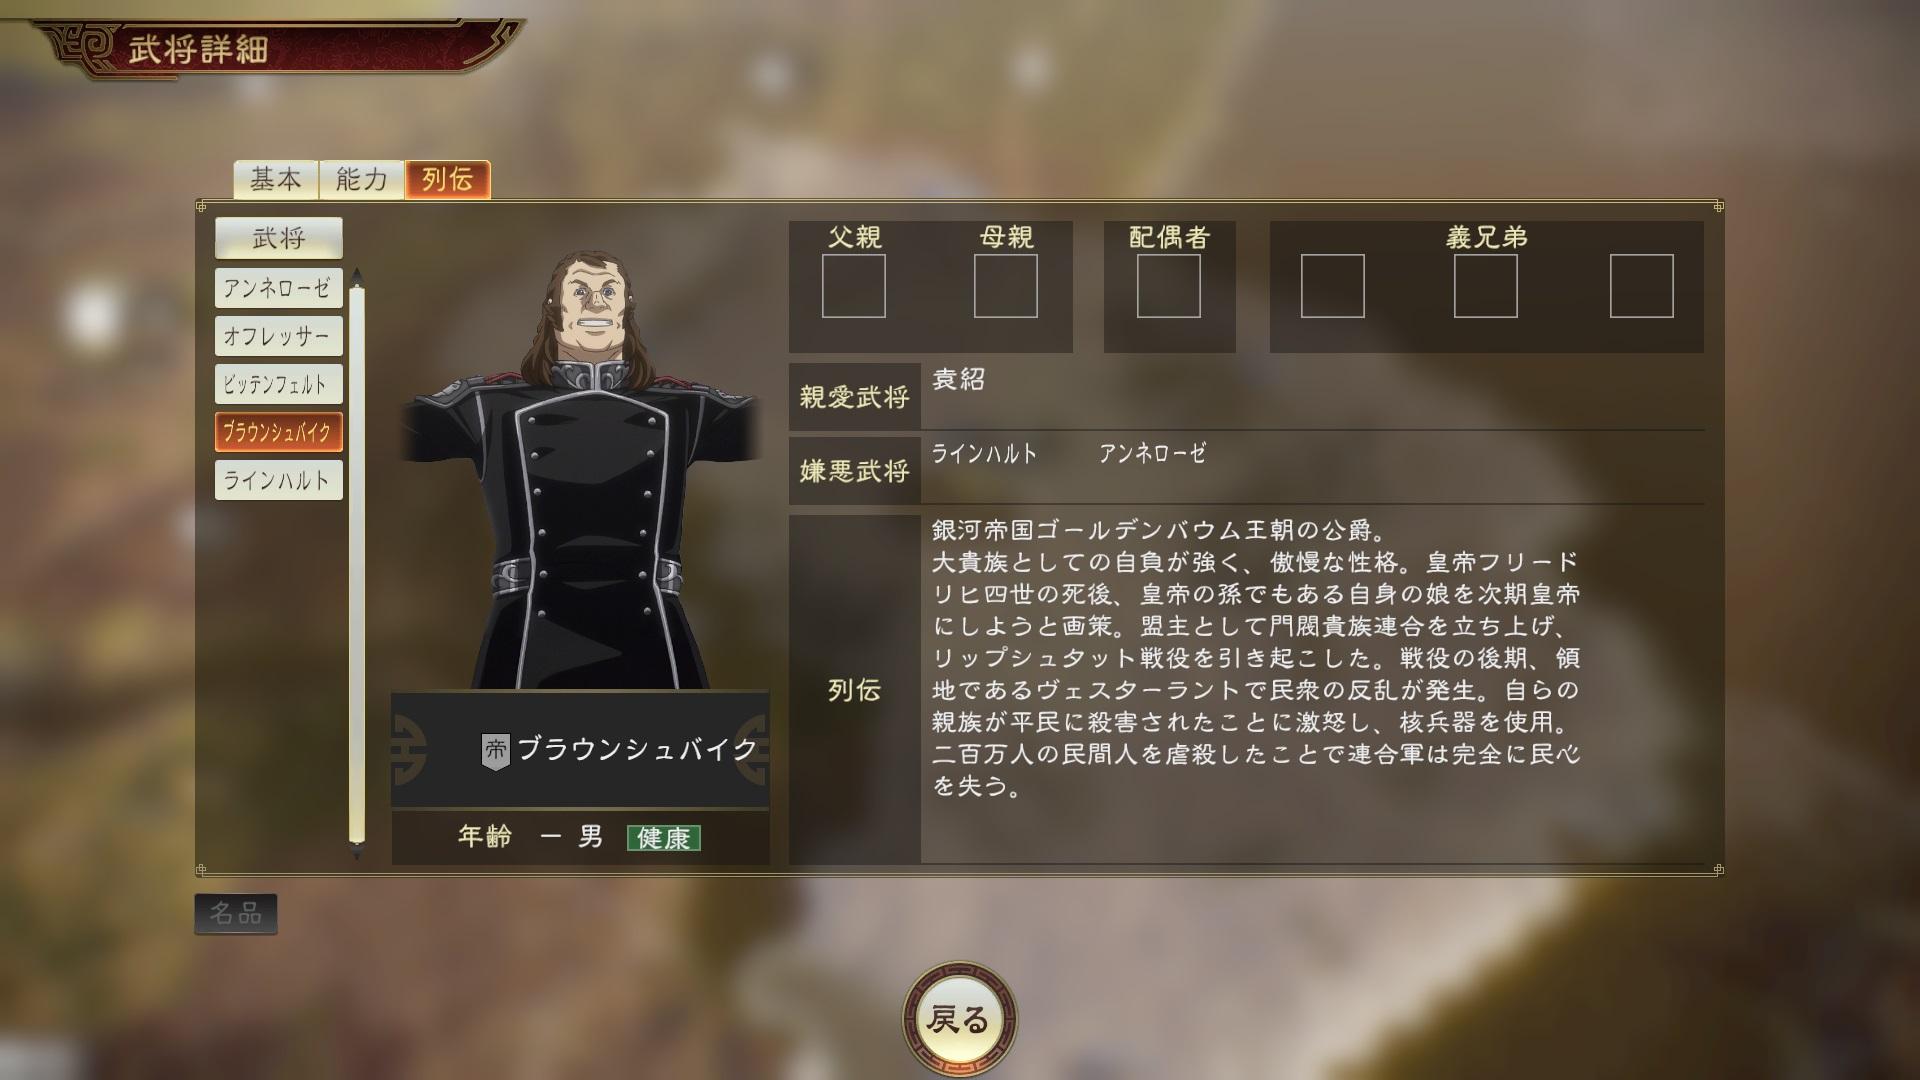 《三国志14》银英传联动免费DLC角色五维图公布 (2)